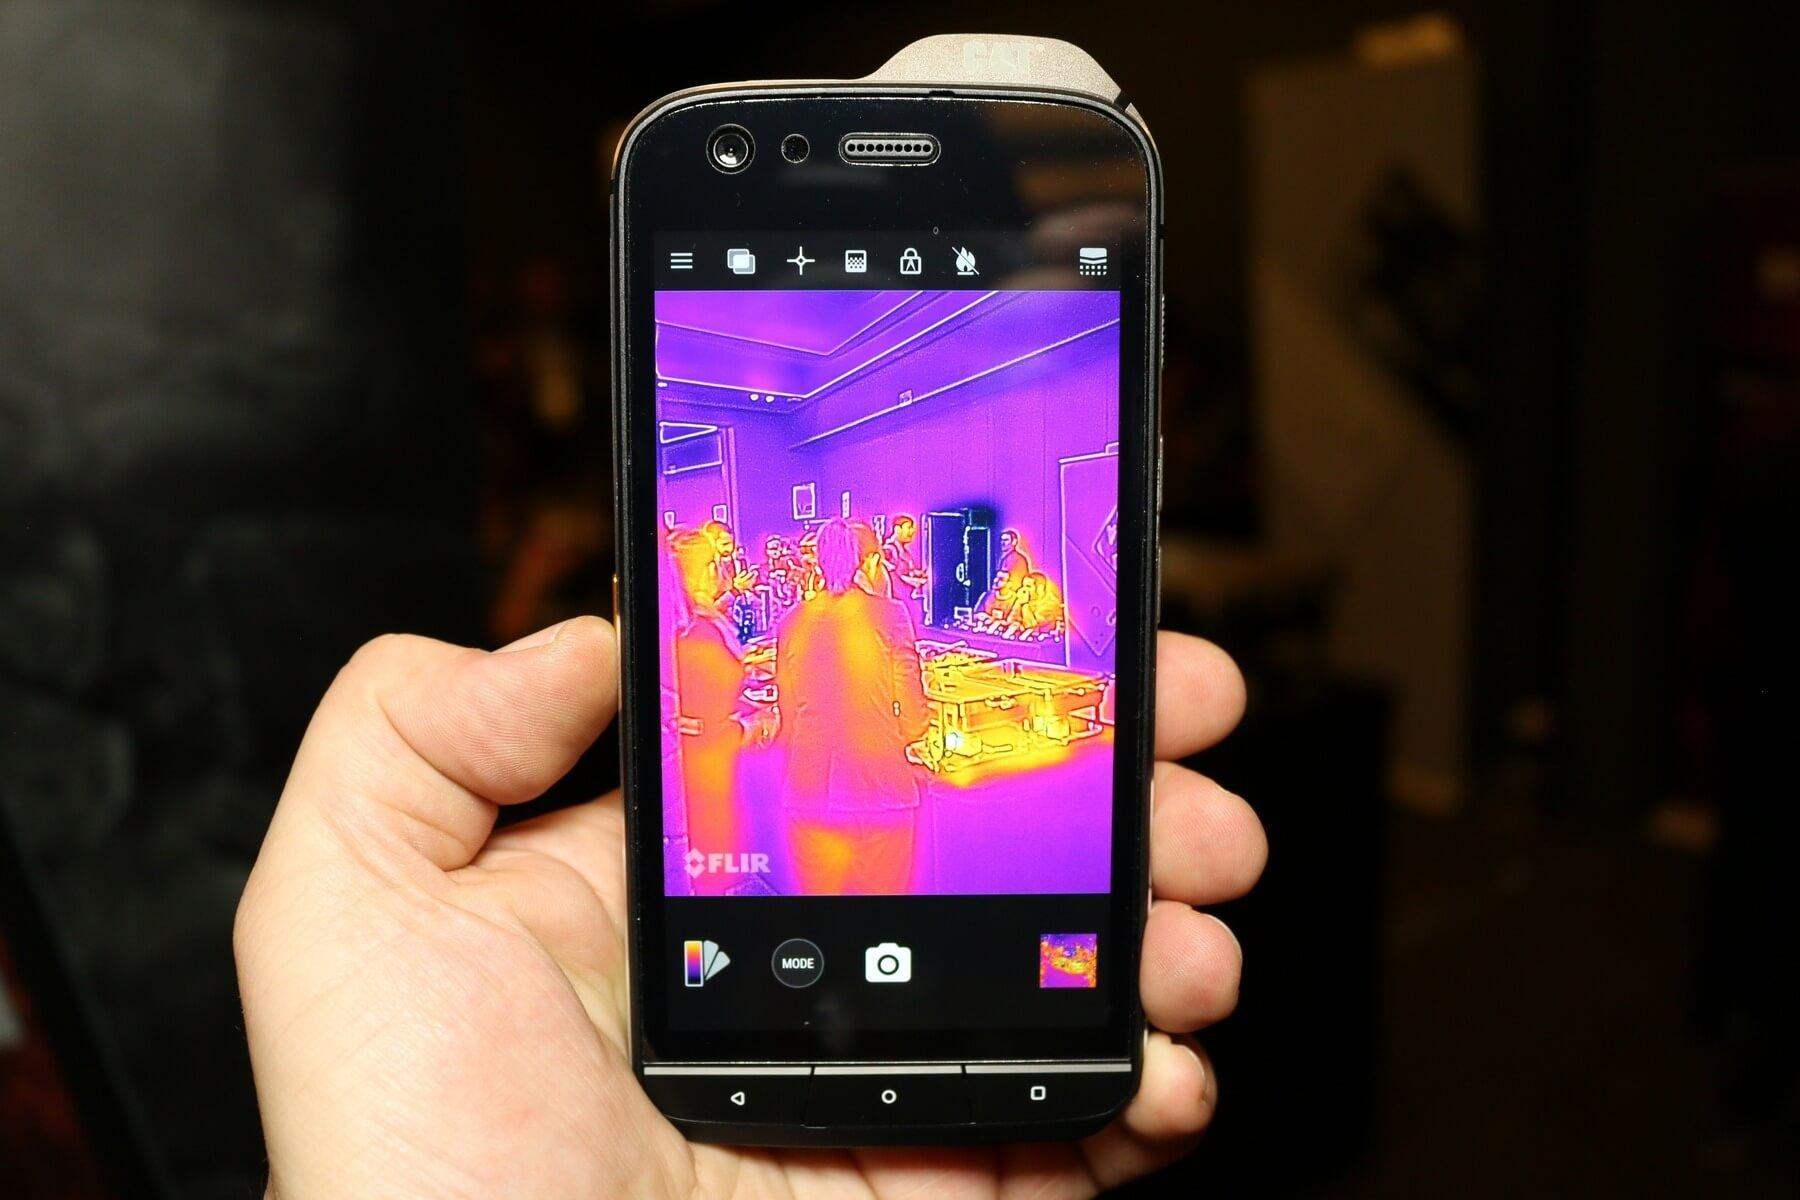 Entfernungsmessung Mit Handy : Cat s smartphone wärmekamera laserentfernungsmessung mehr